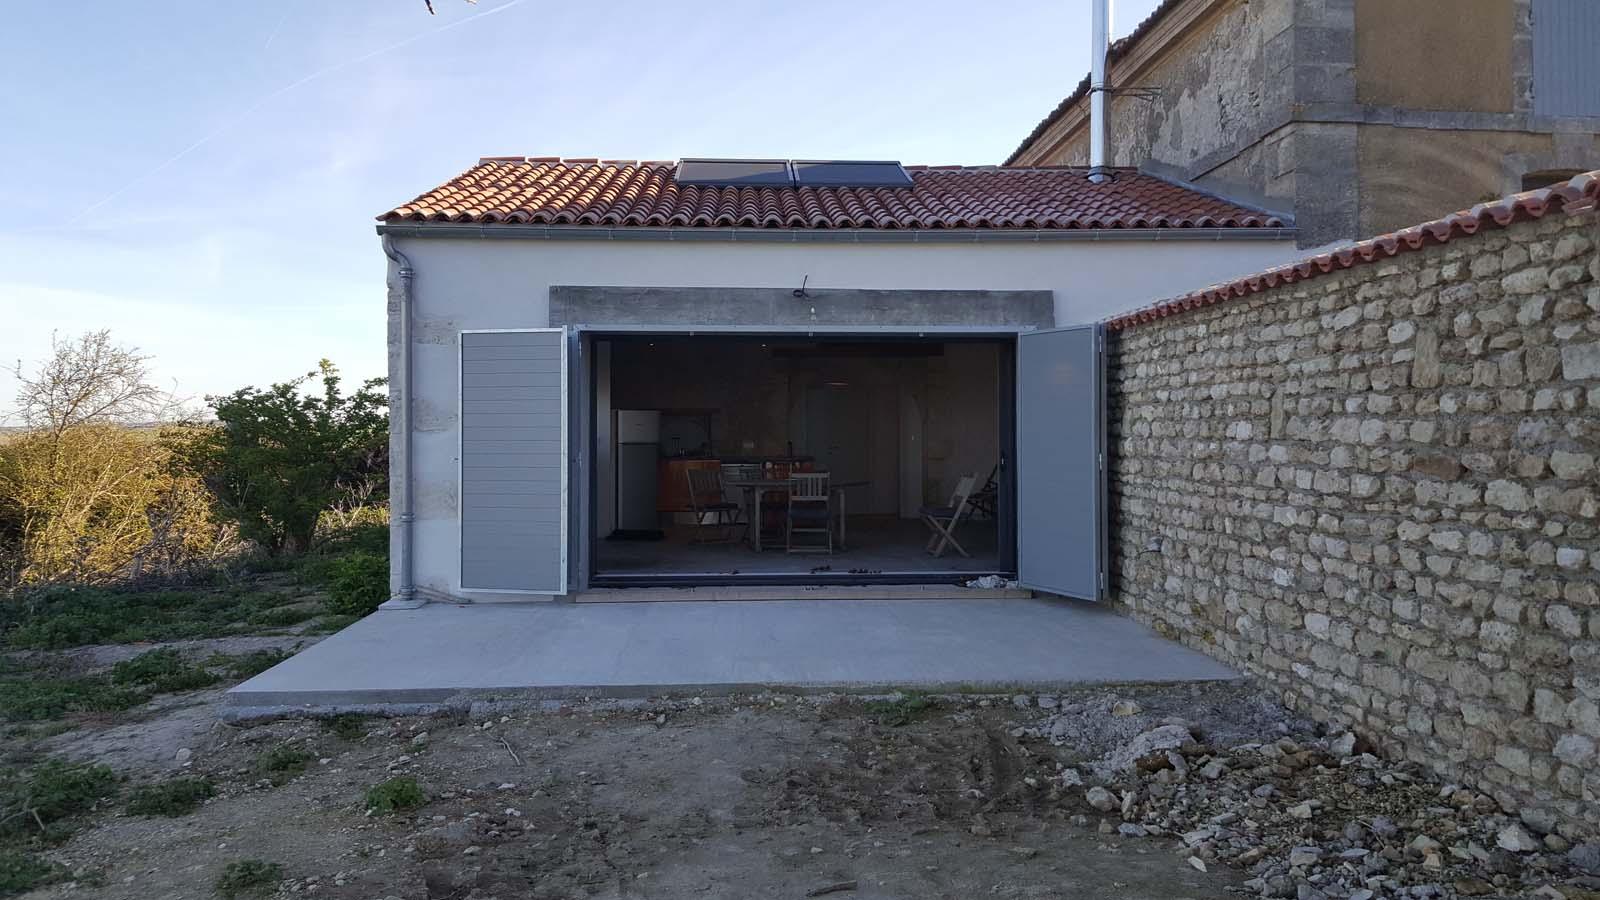 Réhabilitation D Une Grange En Habitation réhabilitation d'une grange en habitation à barzan - archi'textures